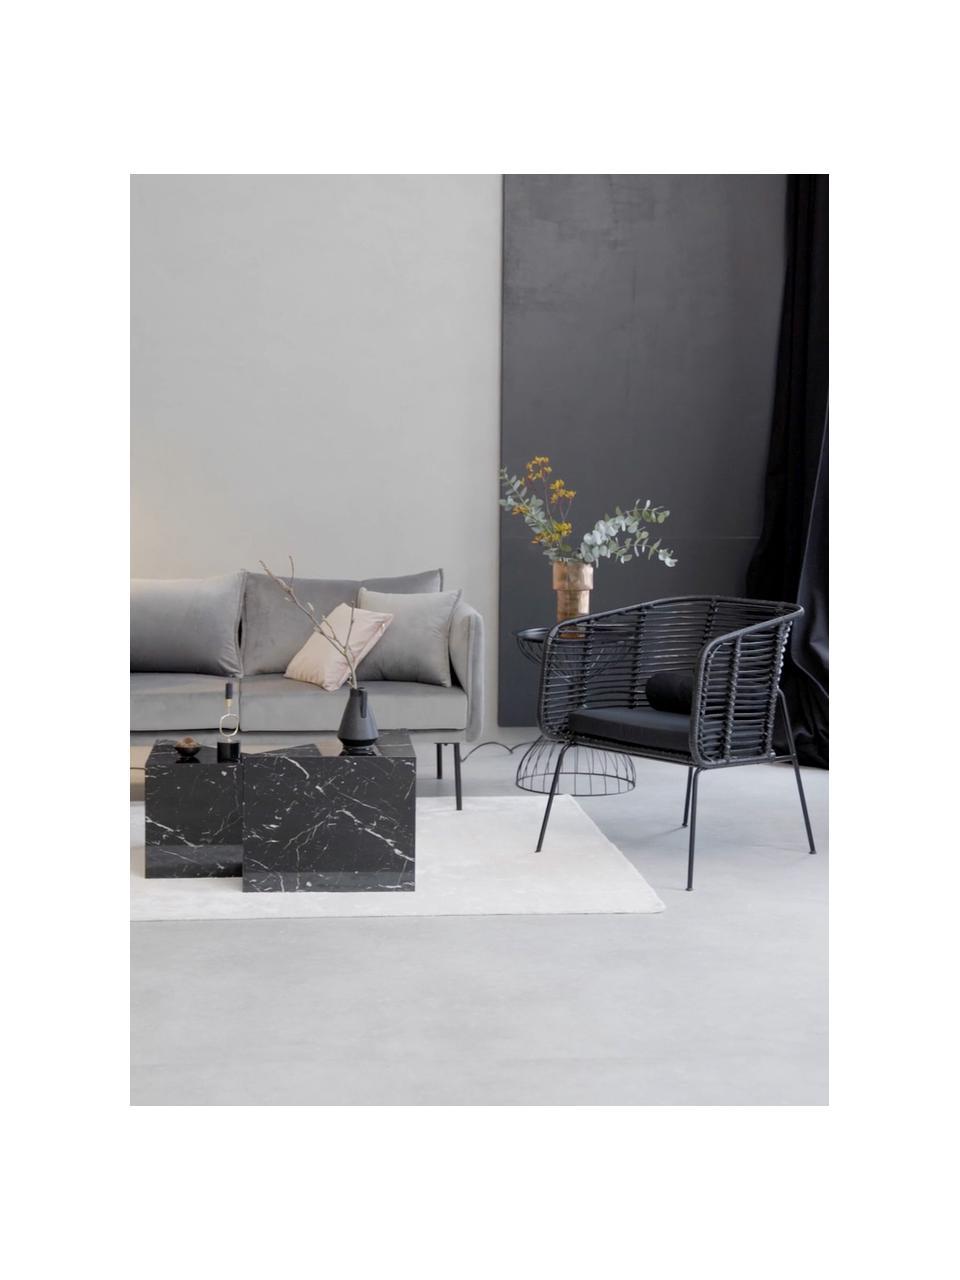 Sedia a poltrona in rattan Merete, Seduta: rattan, Struttura: metallo verniciato a polv, Seduta: nero Struttura: nero opaco Fodere: nero, Larg. 72 x Prof. 74 cm